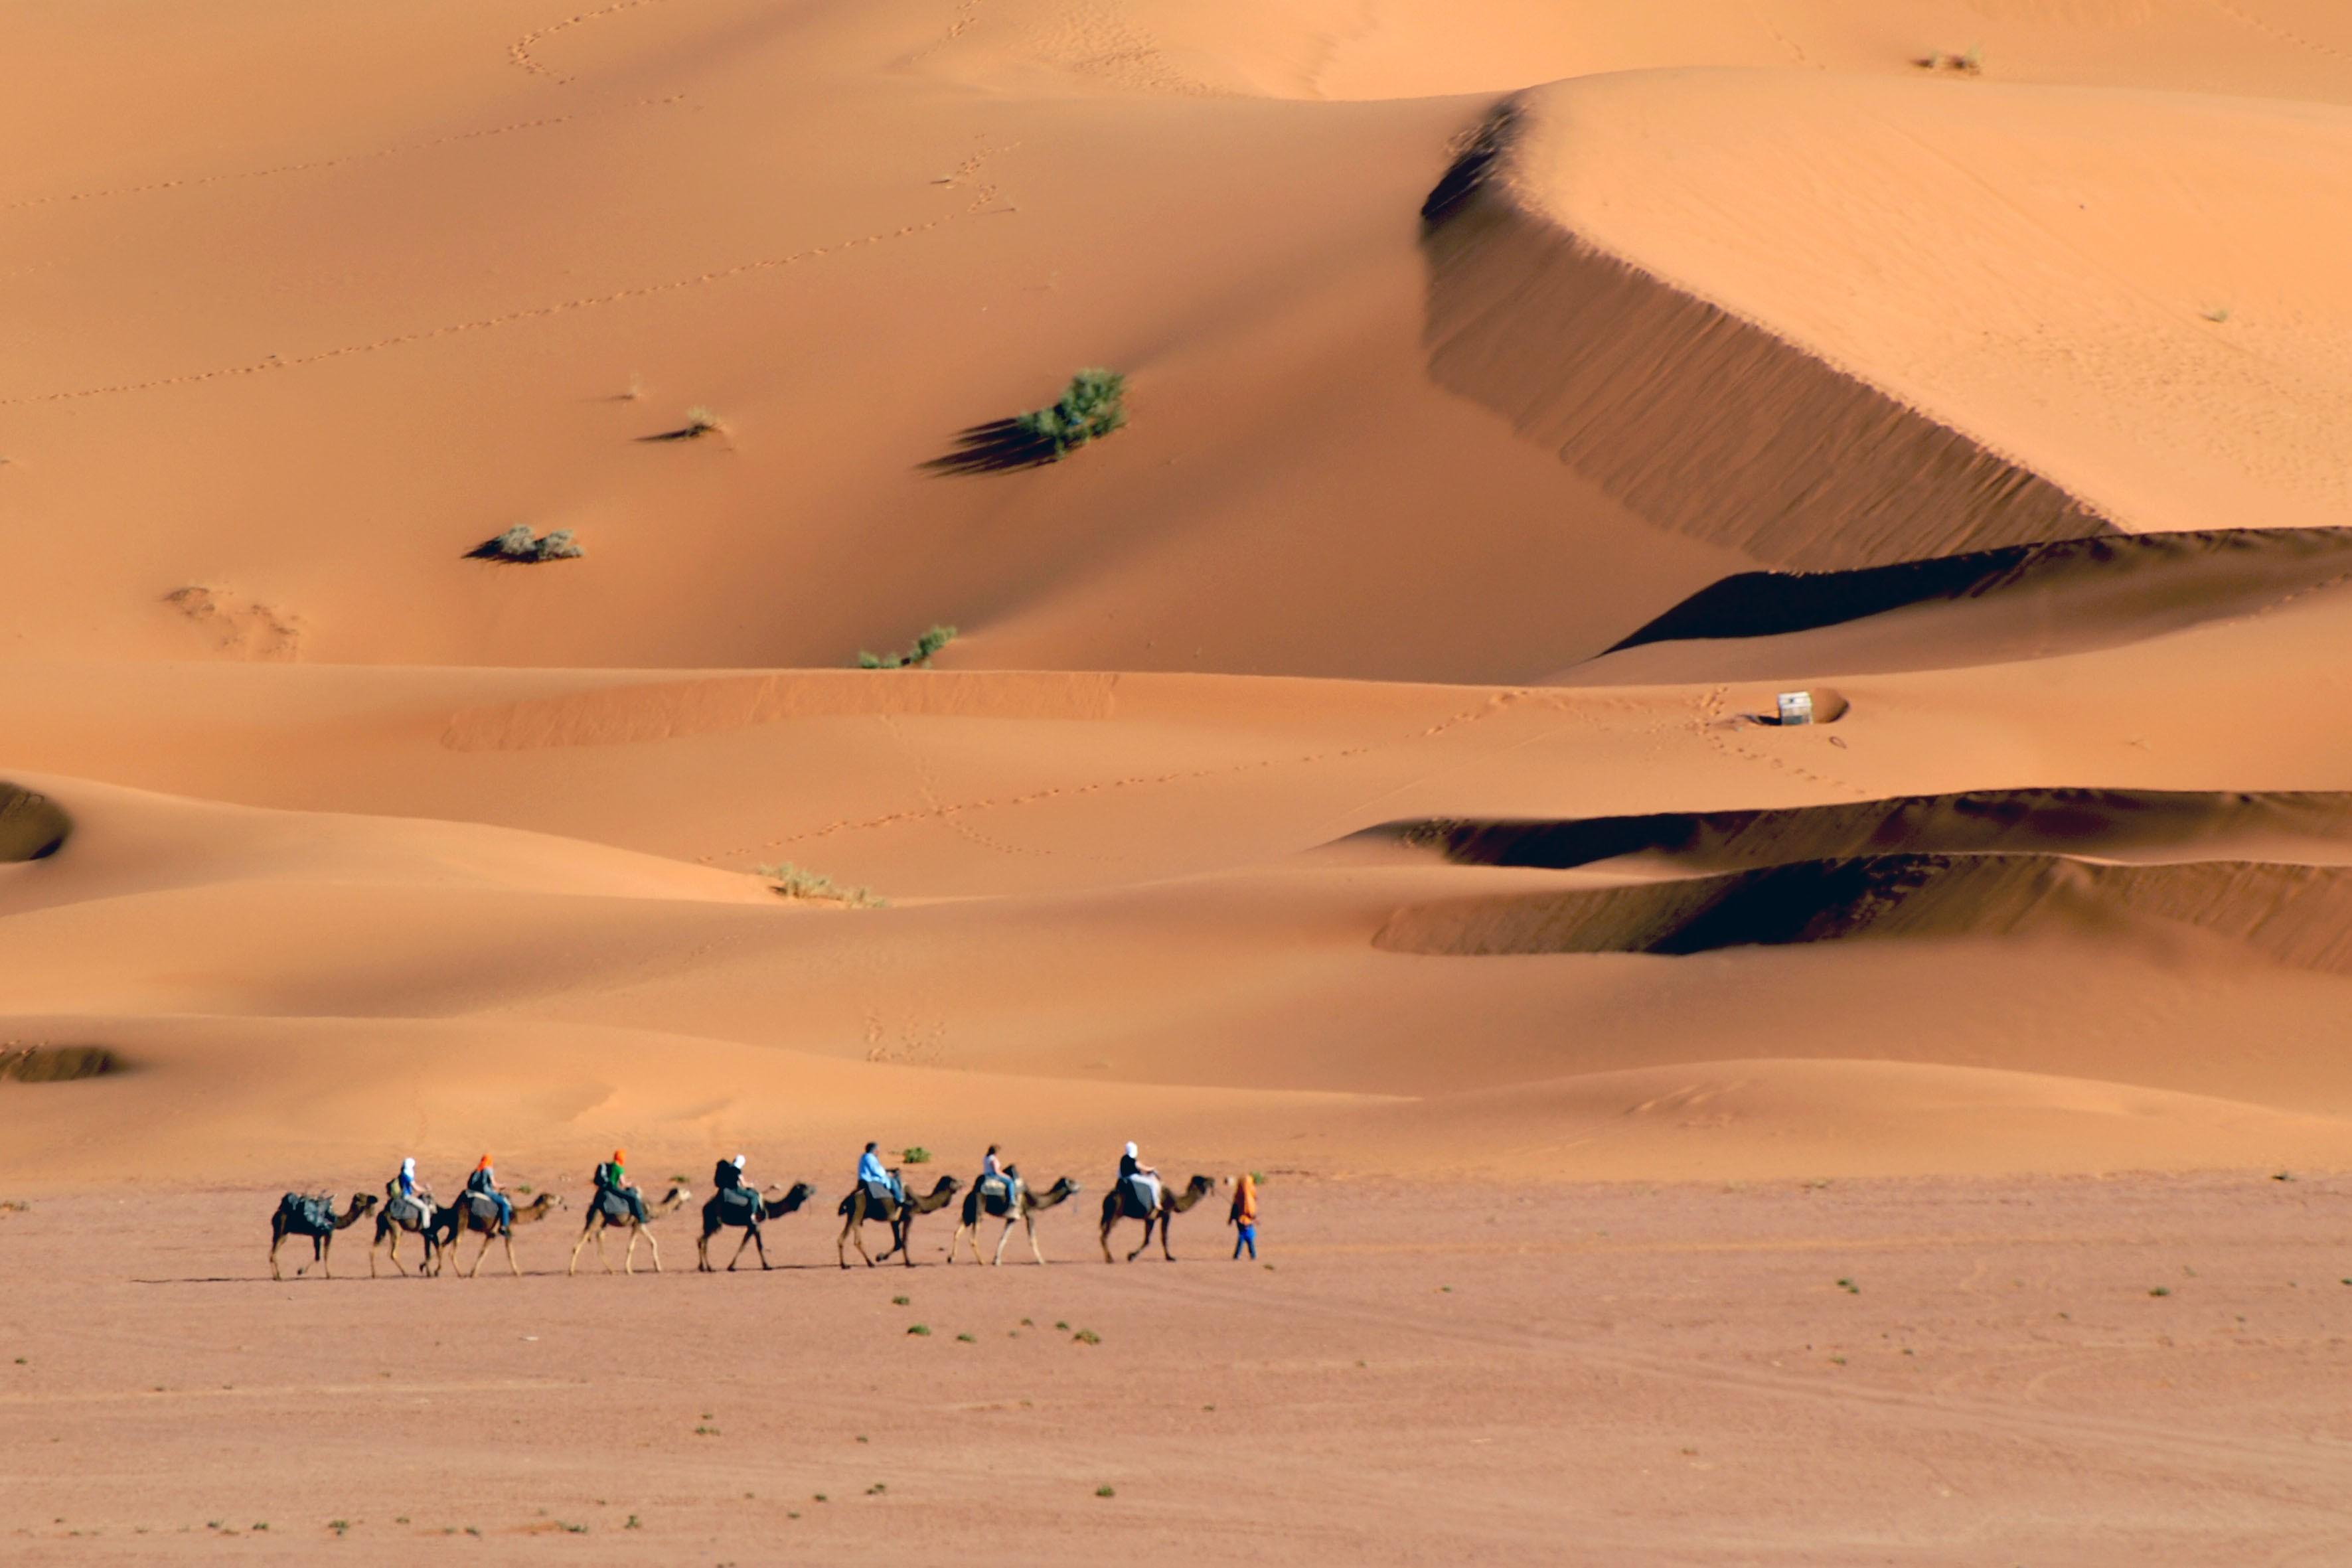 MAROCCO, Capodanno nel Sahara